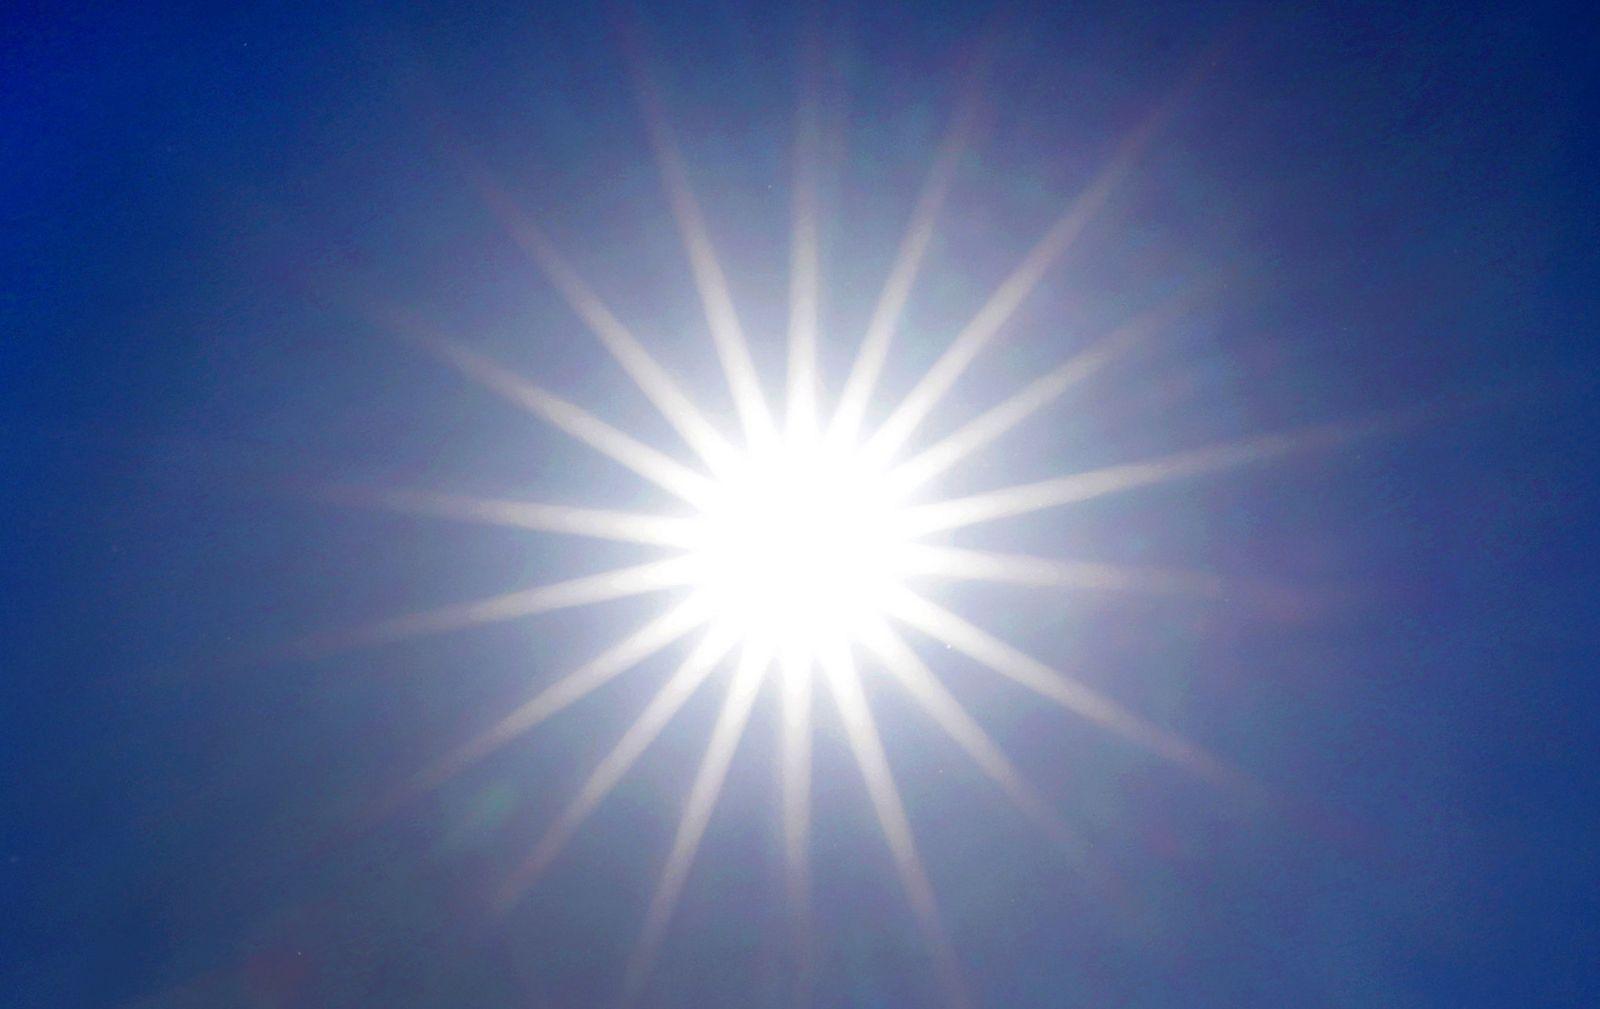 300 Stunden Sonnenschein: Juni 2019 in NRW sonniger als je zuvor